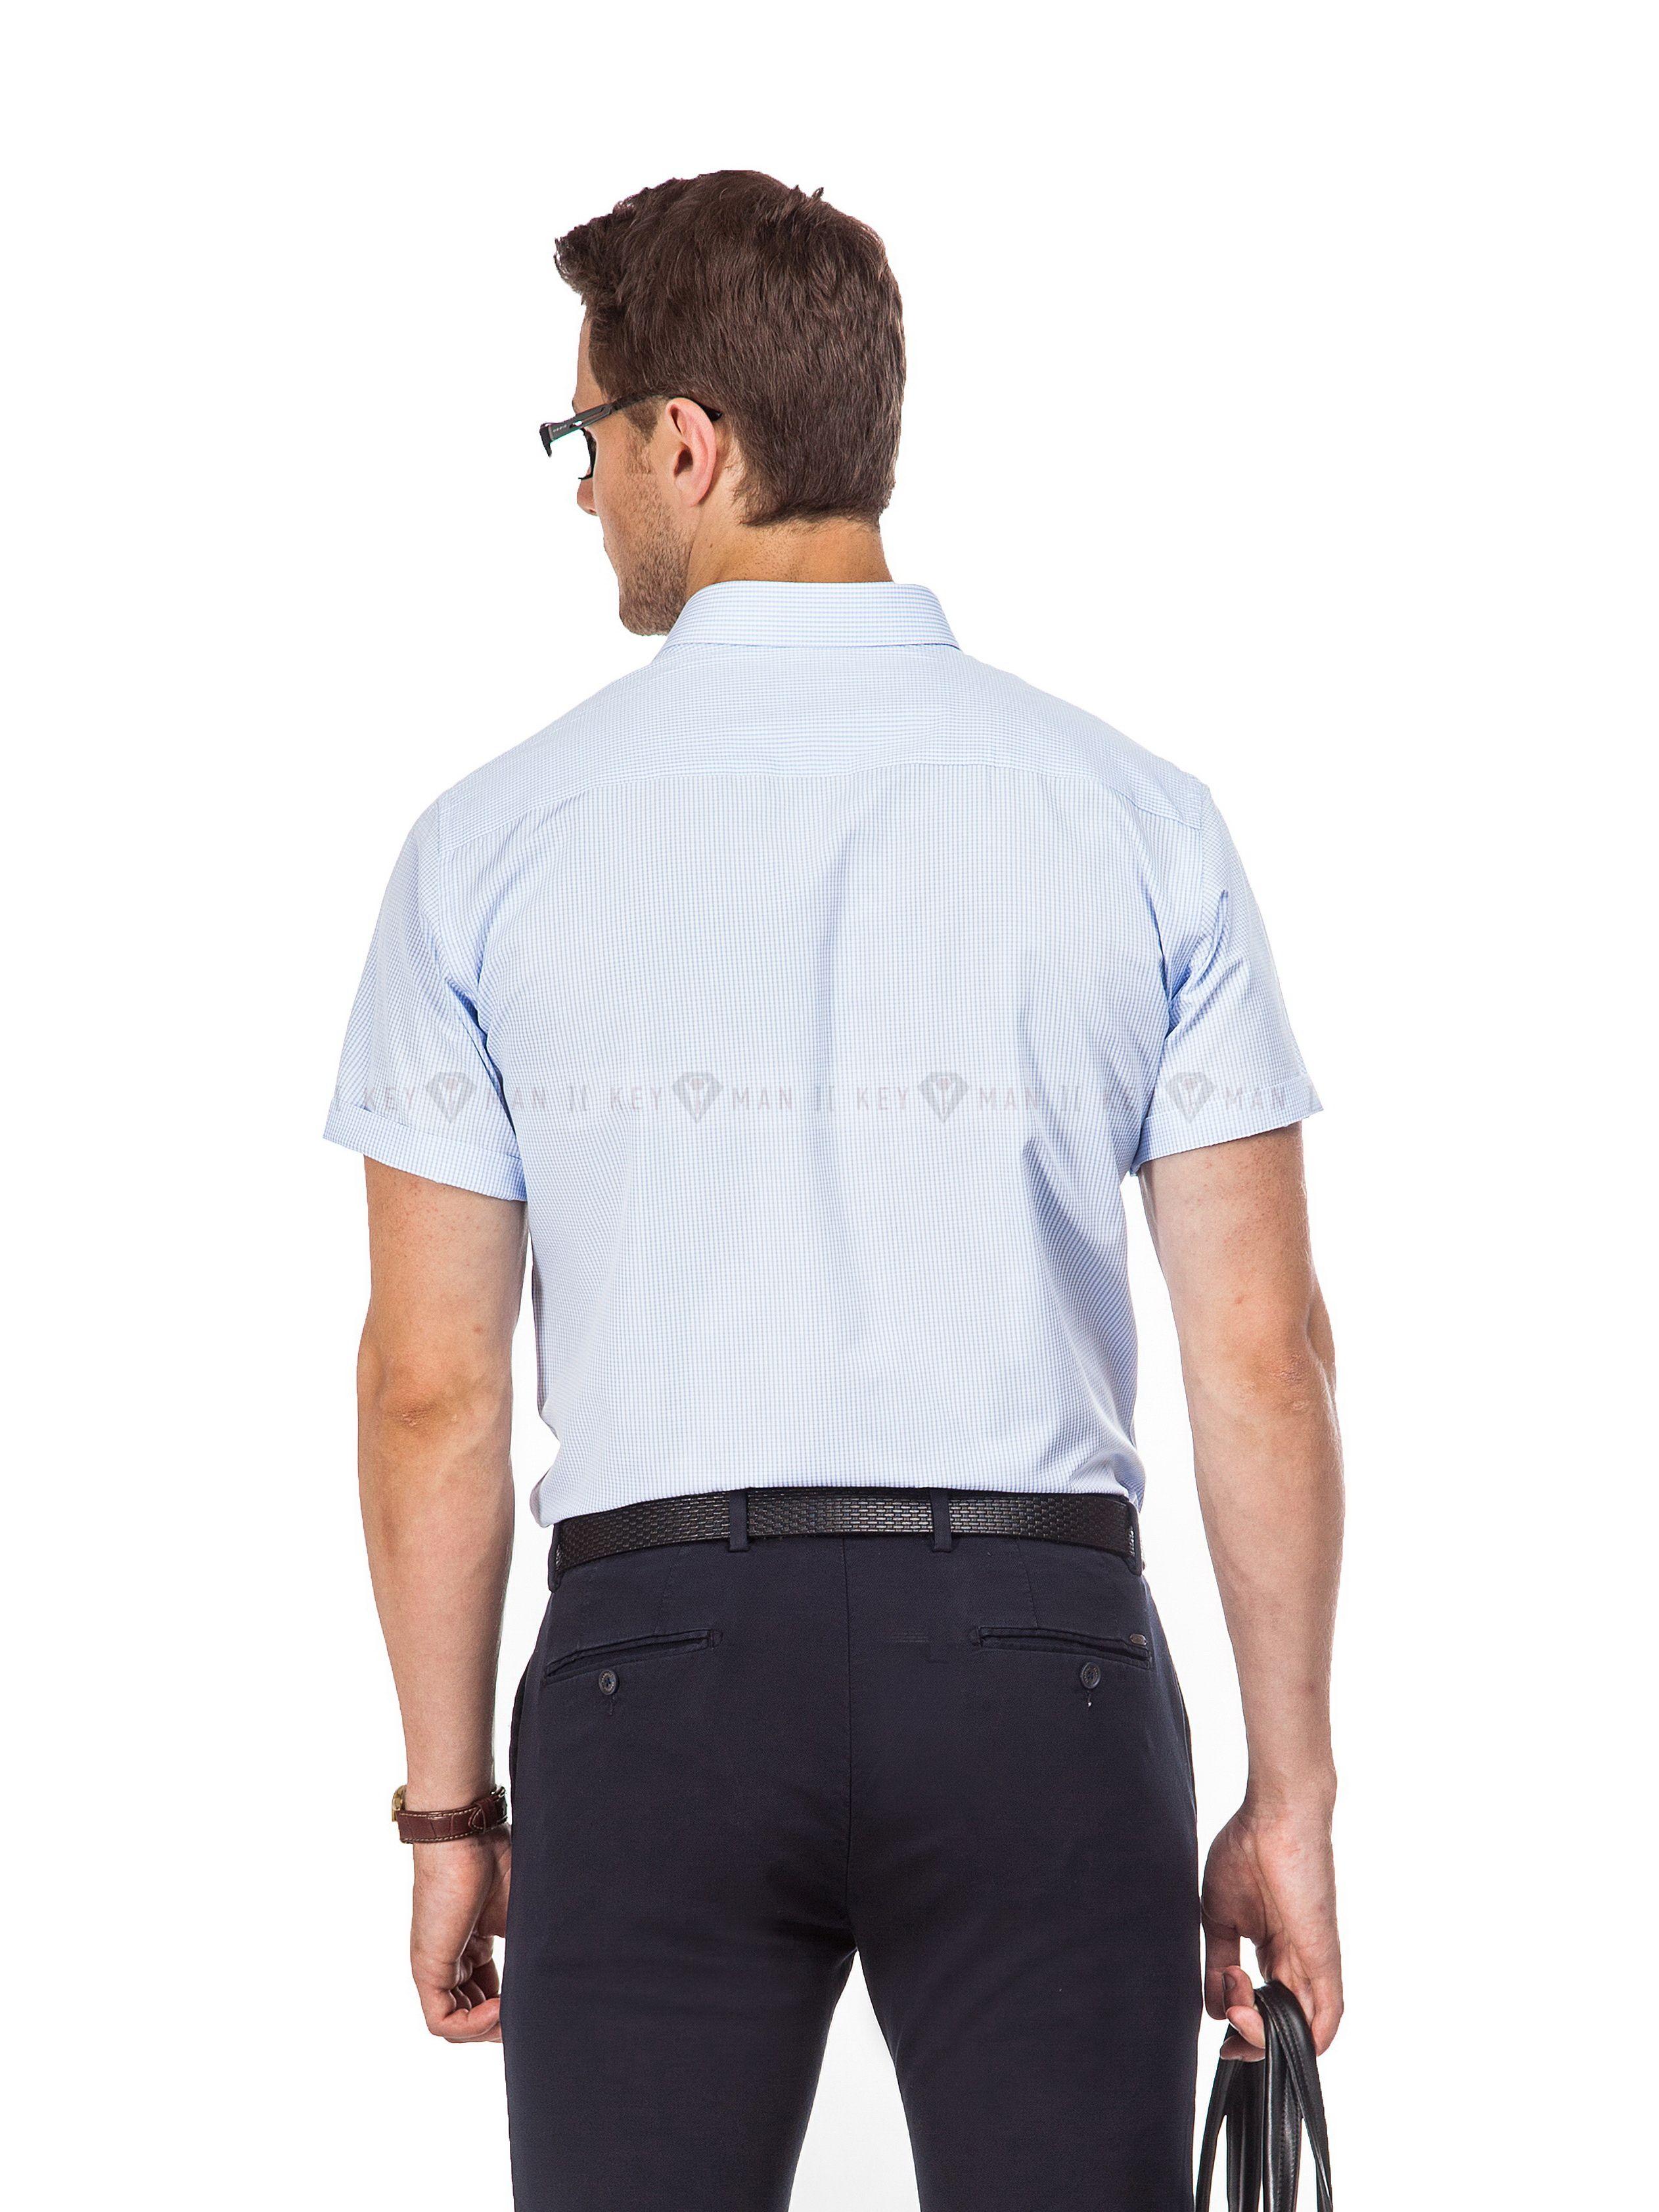 Рубашка мужская голубая в клеточку (короткий рукав)